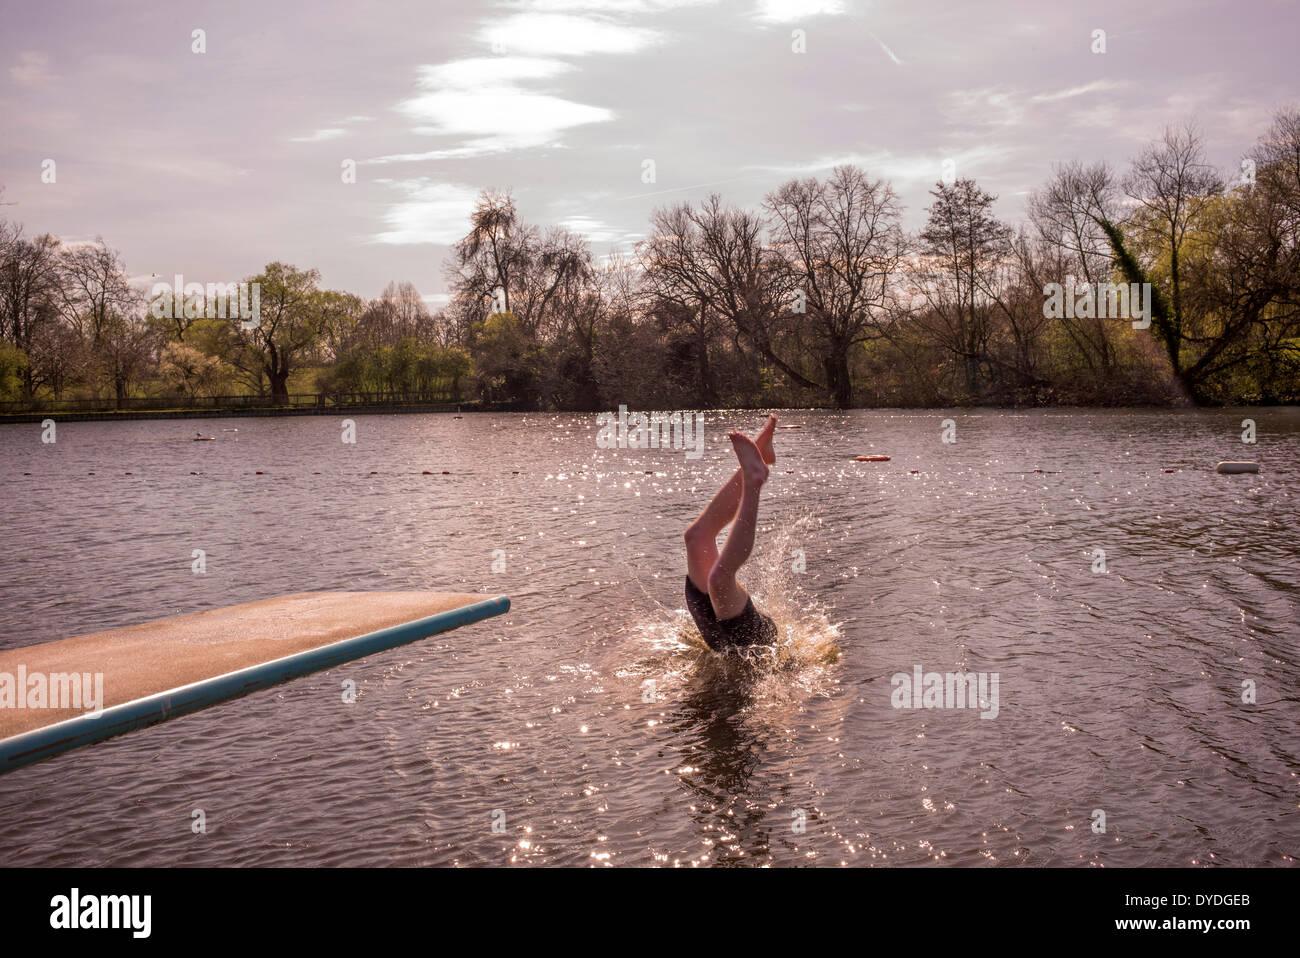 Un jeune homme natation au printemps de l'eau fraîche des étangs. Photo Stock